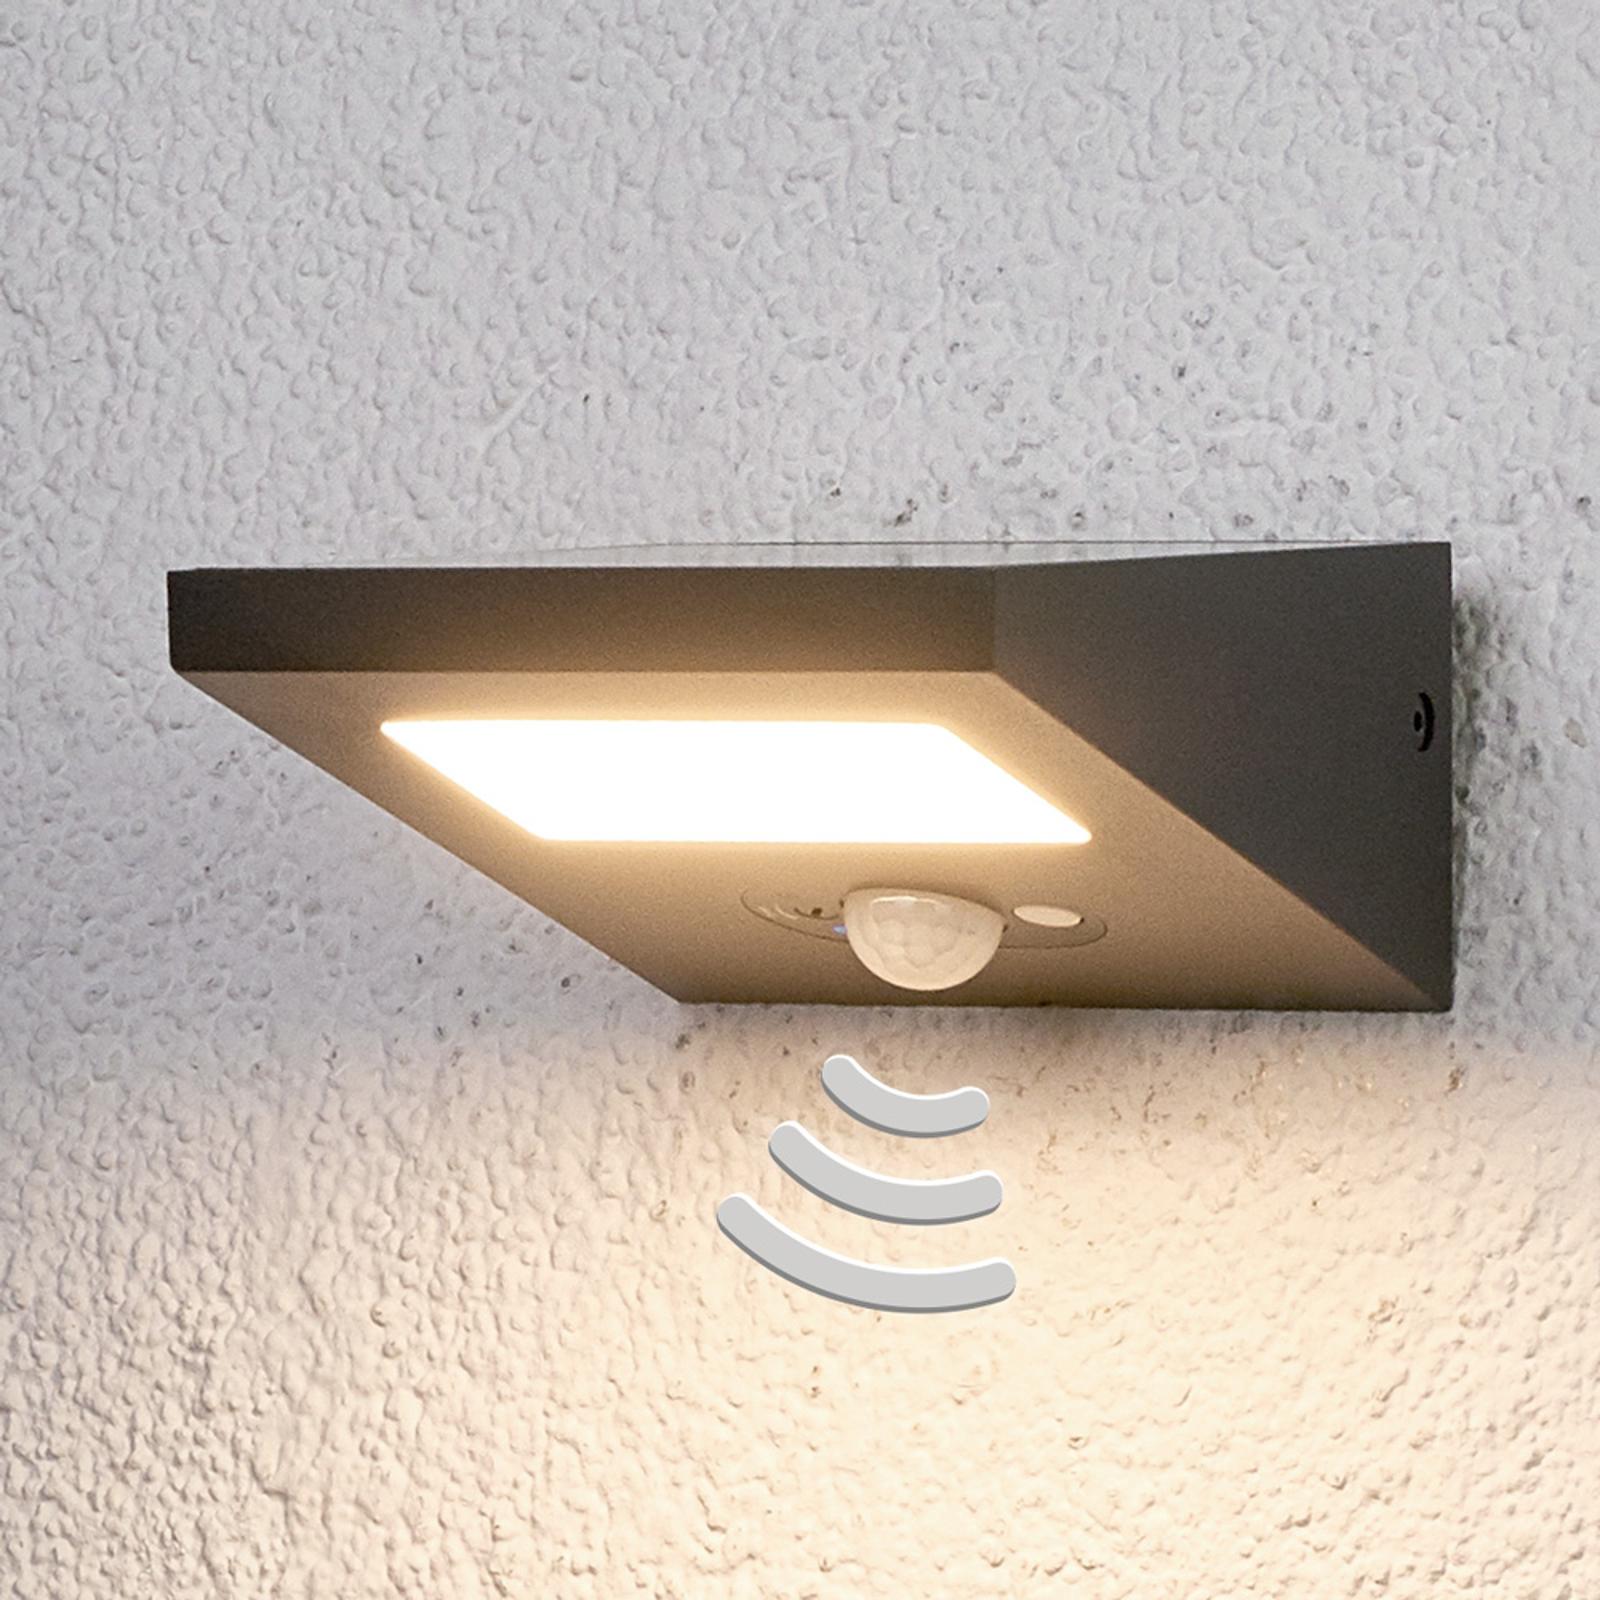 Świecąca w dół solarna lampa zewnętrzna FELIN